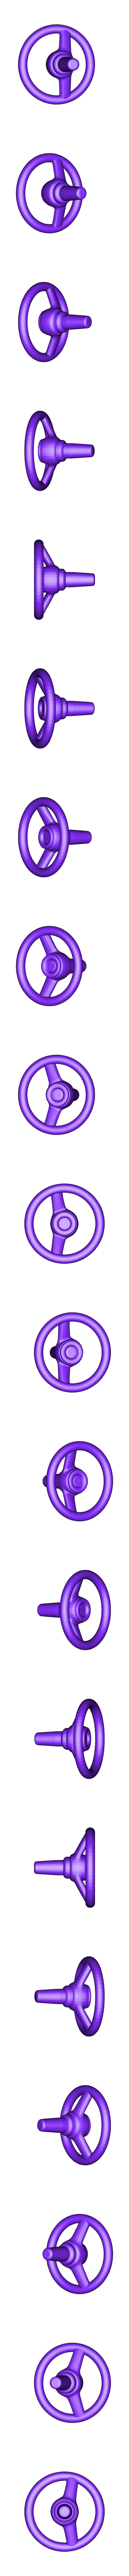 Pony_Car_Steering.STL Télécharger fichier OBJ gratuit Voiture jouet poney • Modèle pour impression 3D, Slava_Z